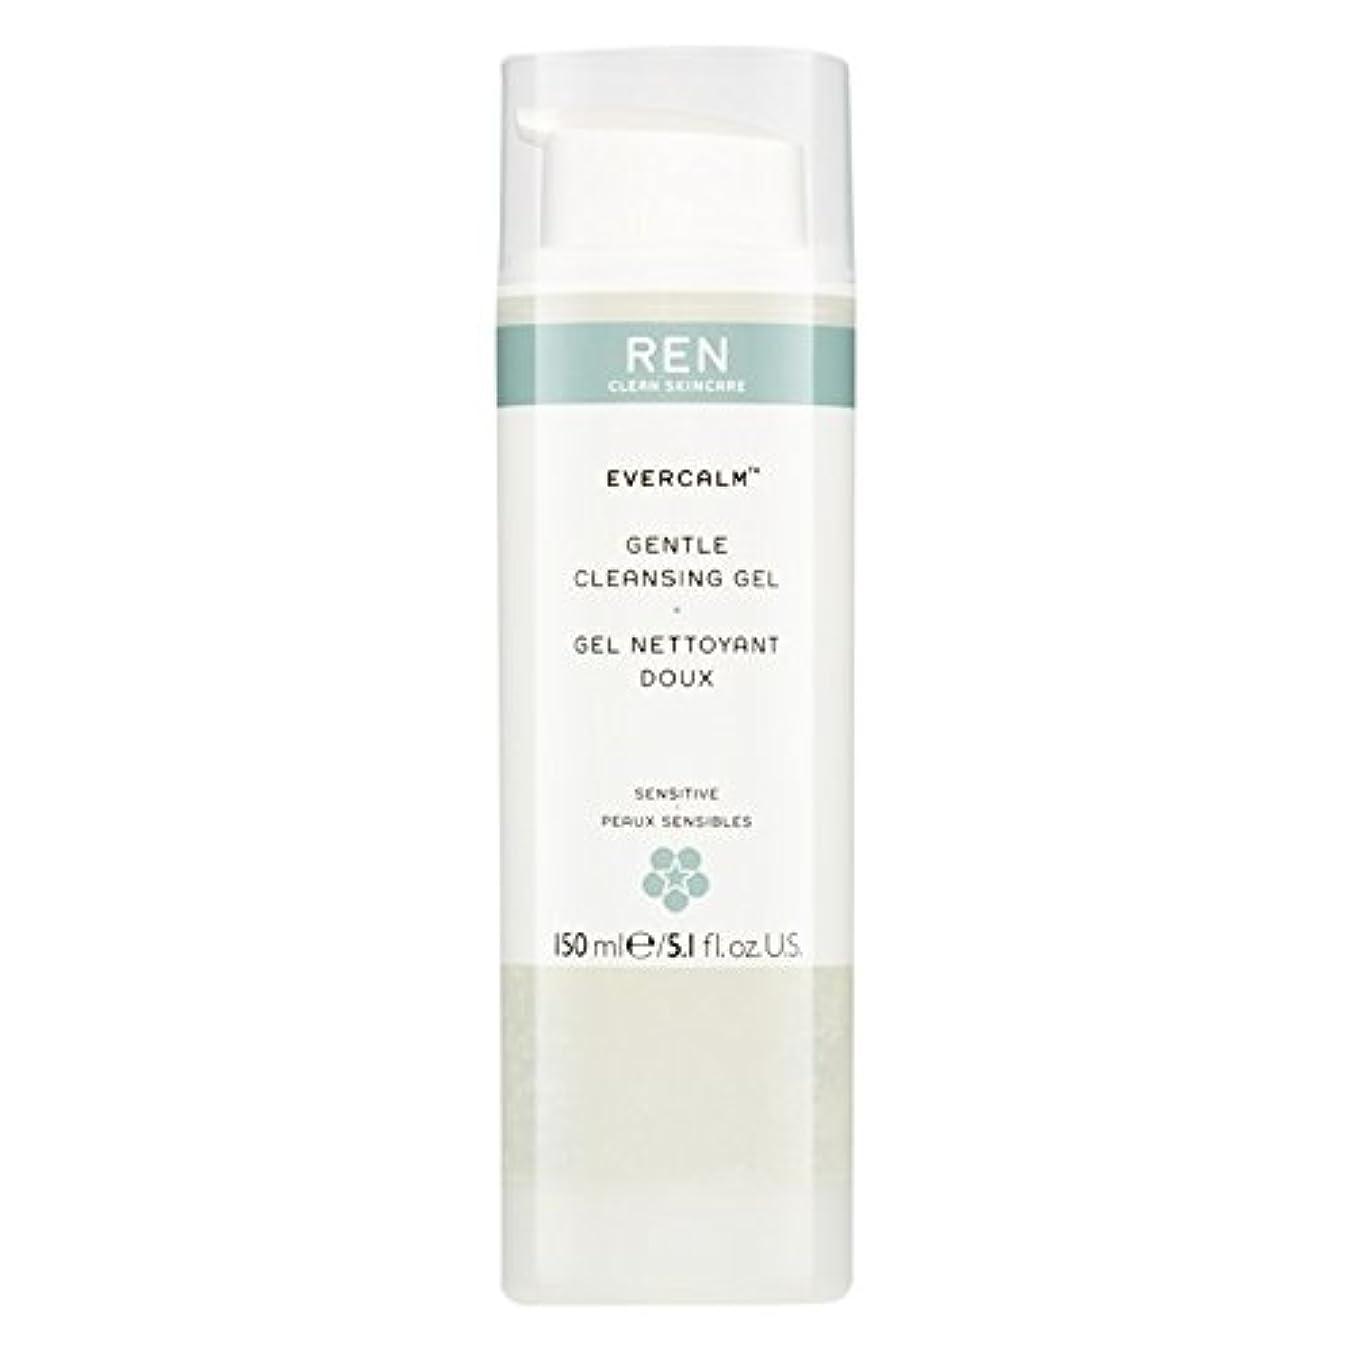 チャンピオンシップテナント破壊的なRen Evercalm優しいクレンジングジェル、150ミリリットル (REN) (x6) - REN Evercalm Gentle Cleansing Gel, 150ml (Pack of 6) [並行輸入品]